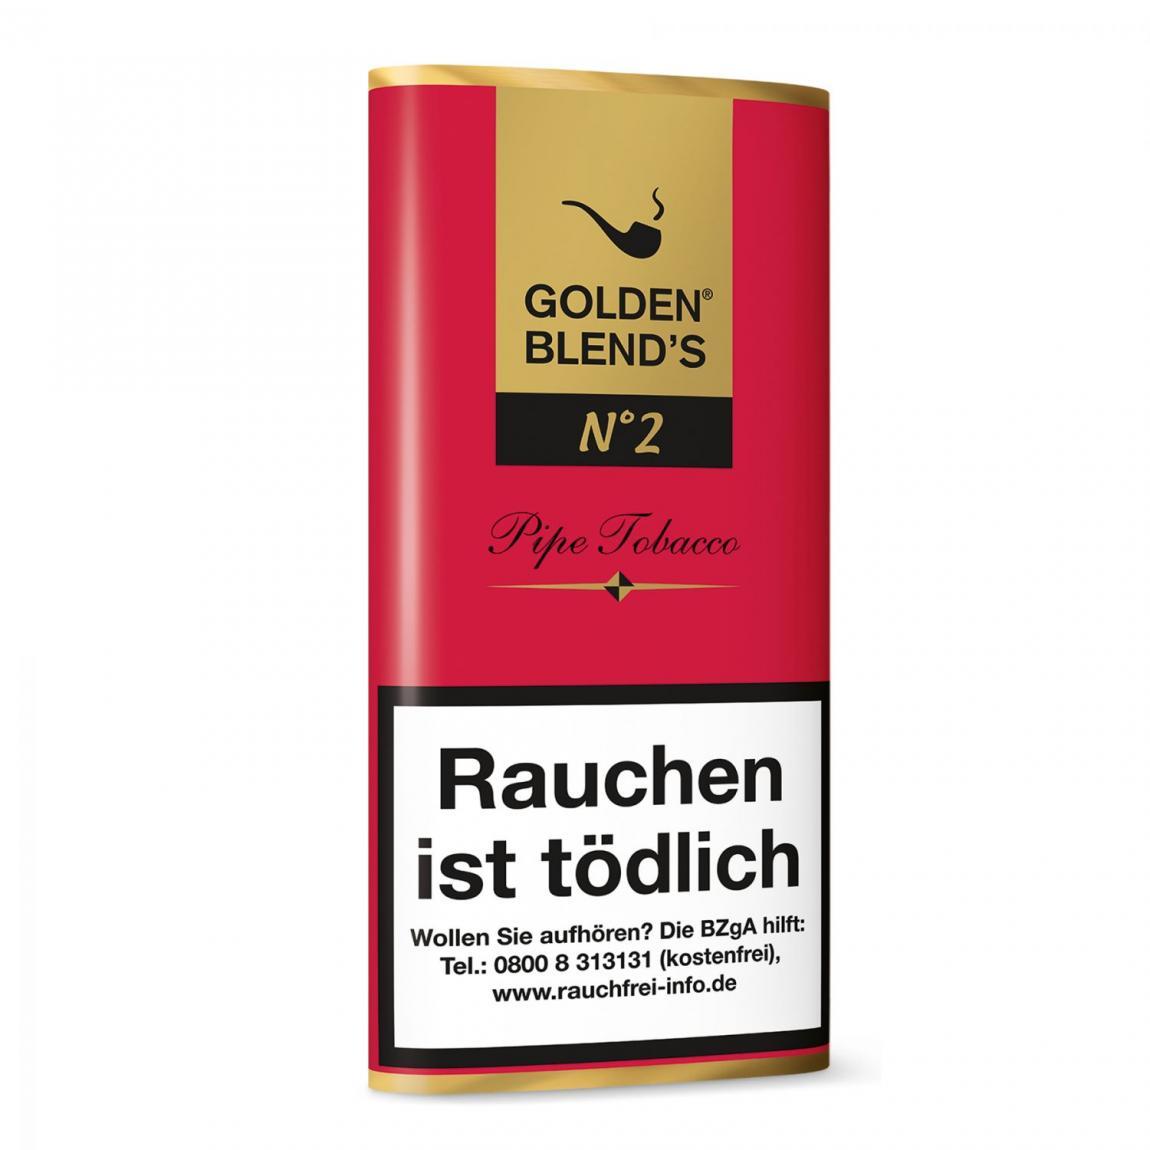 Golden Blend's No. 2, 50g